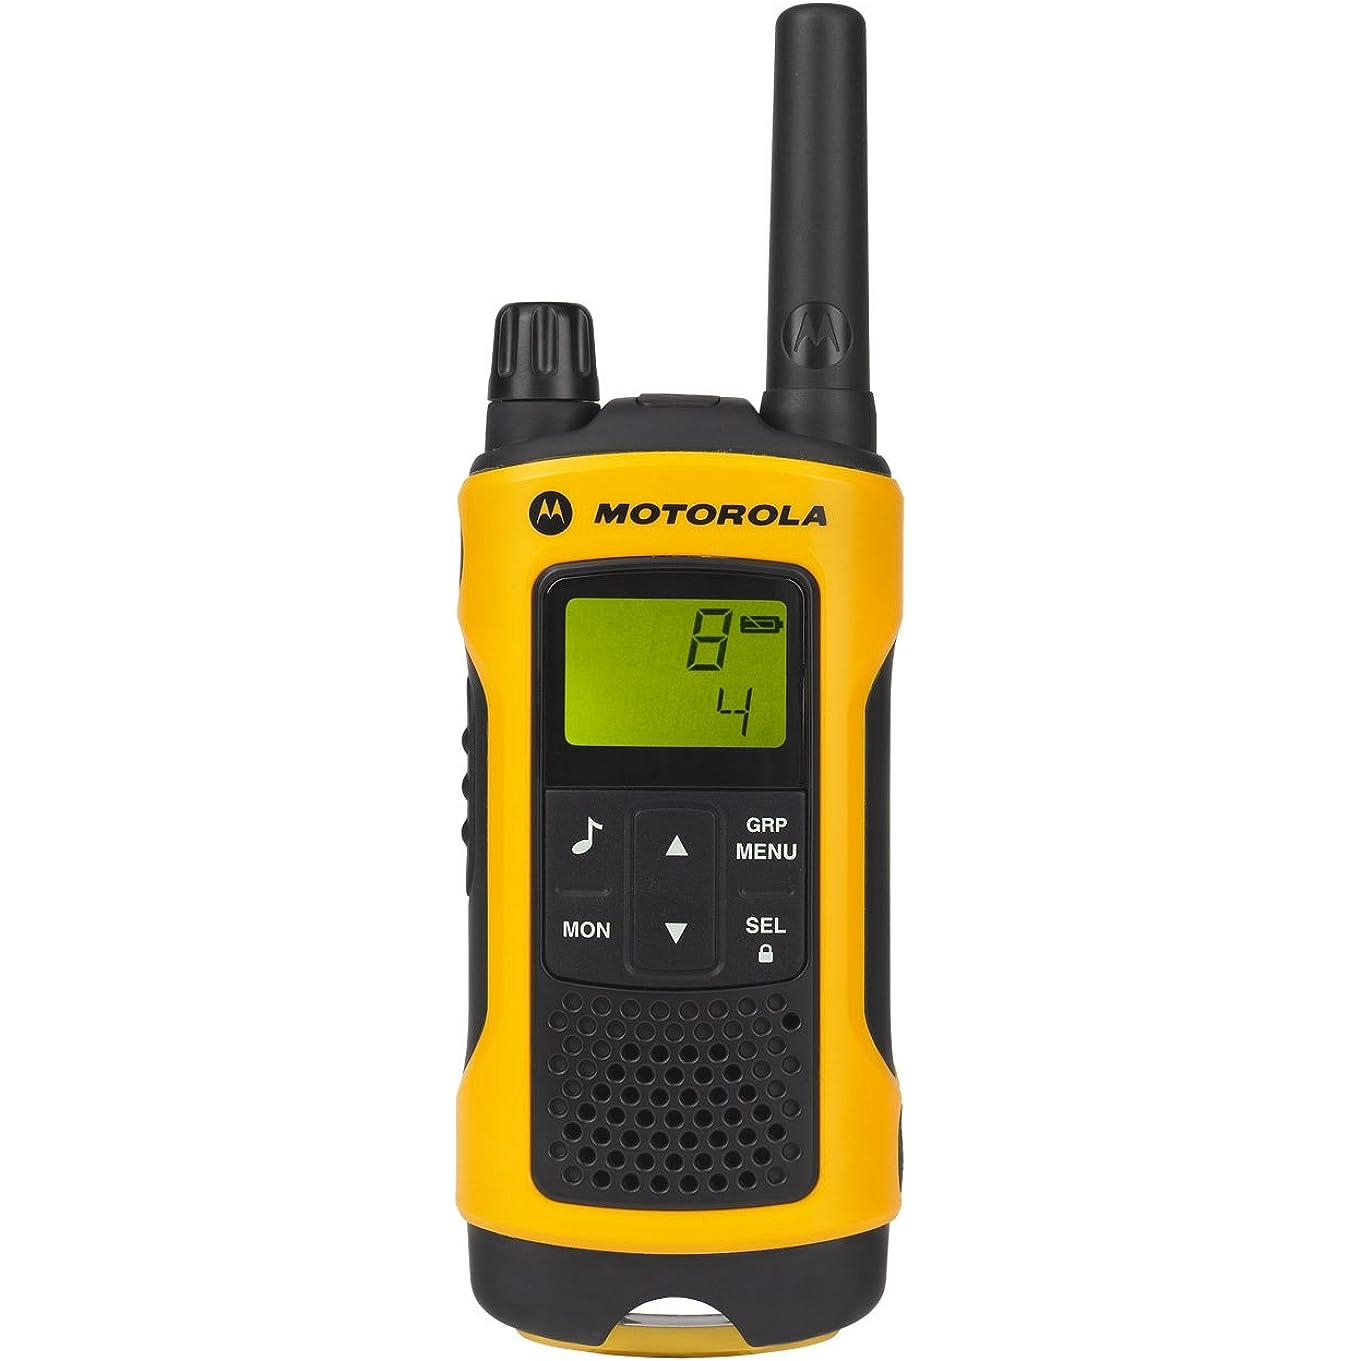 Ein gutes Funkgerät bekommen Sie bei dem Hersteller Motorola.